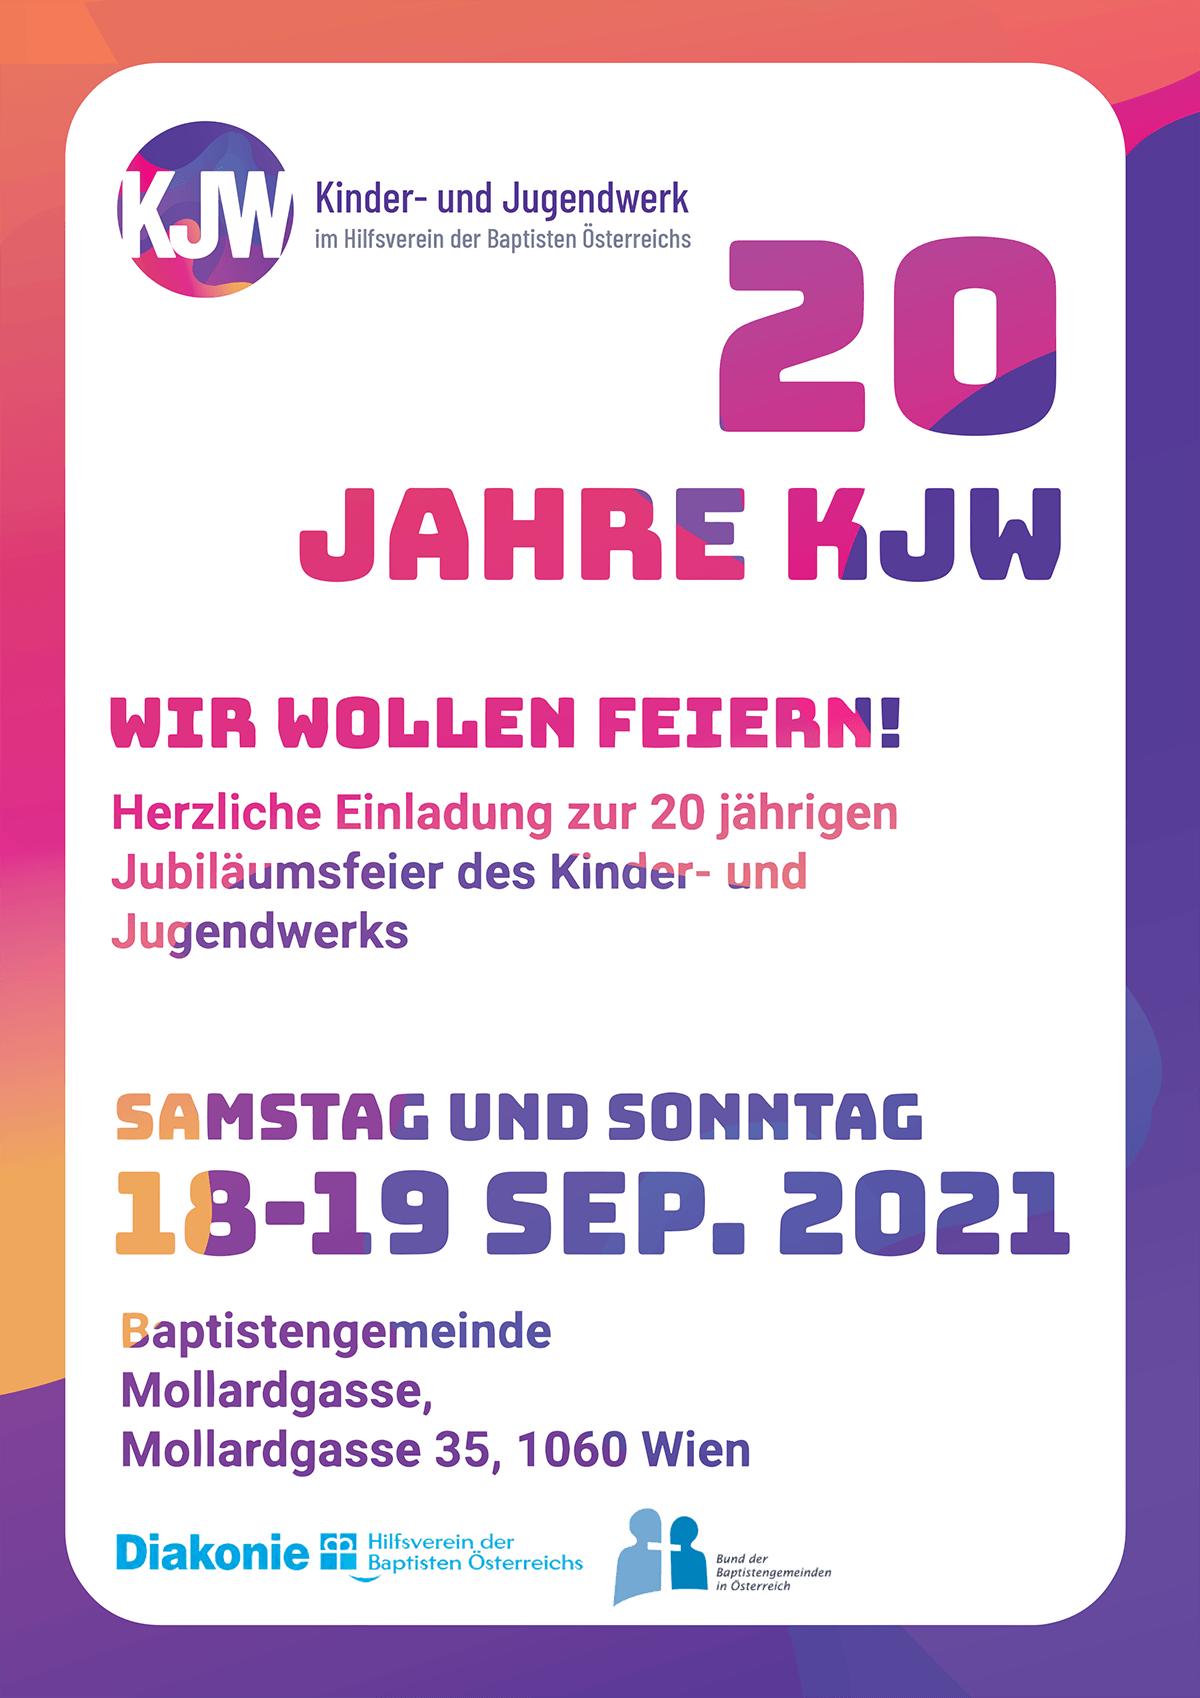 Flyer für die 20 Jahre Jubiläumsfeier des Kinder- und Jugendwerks